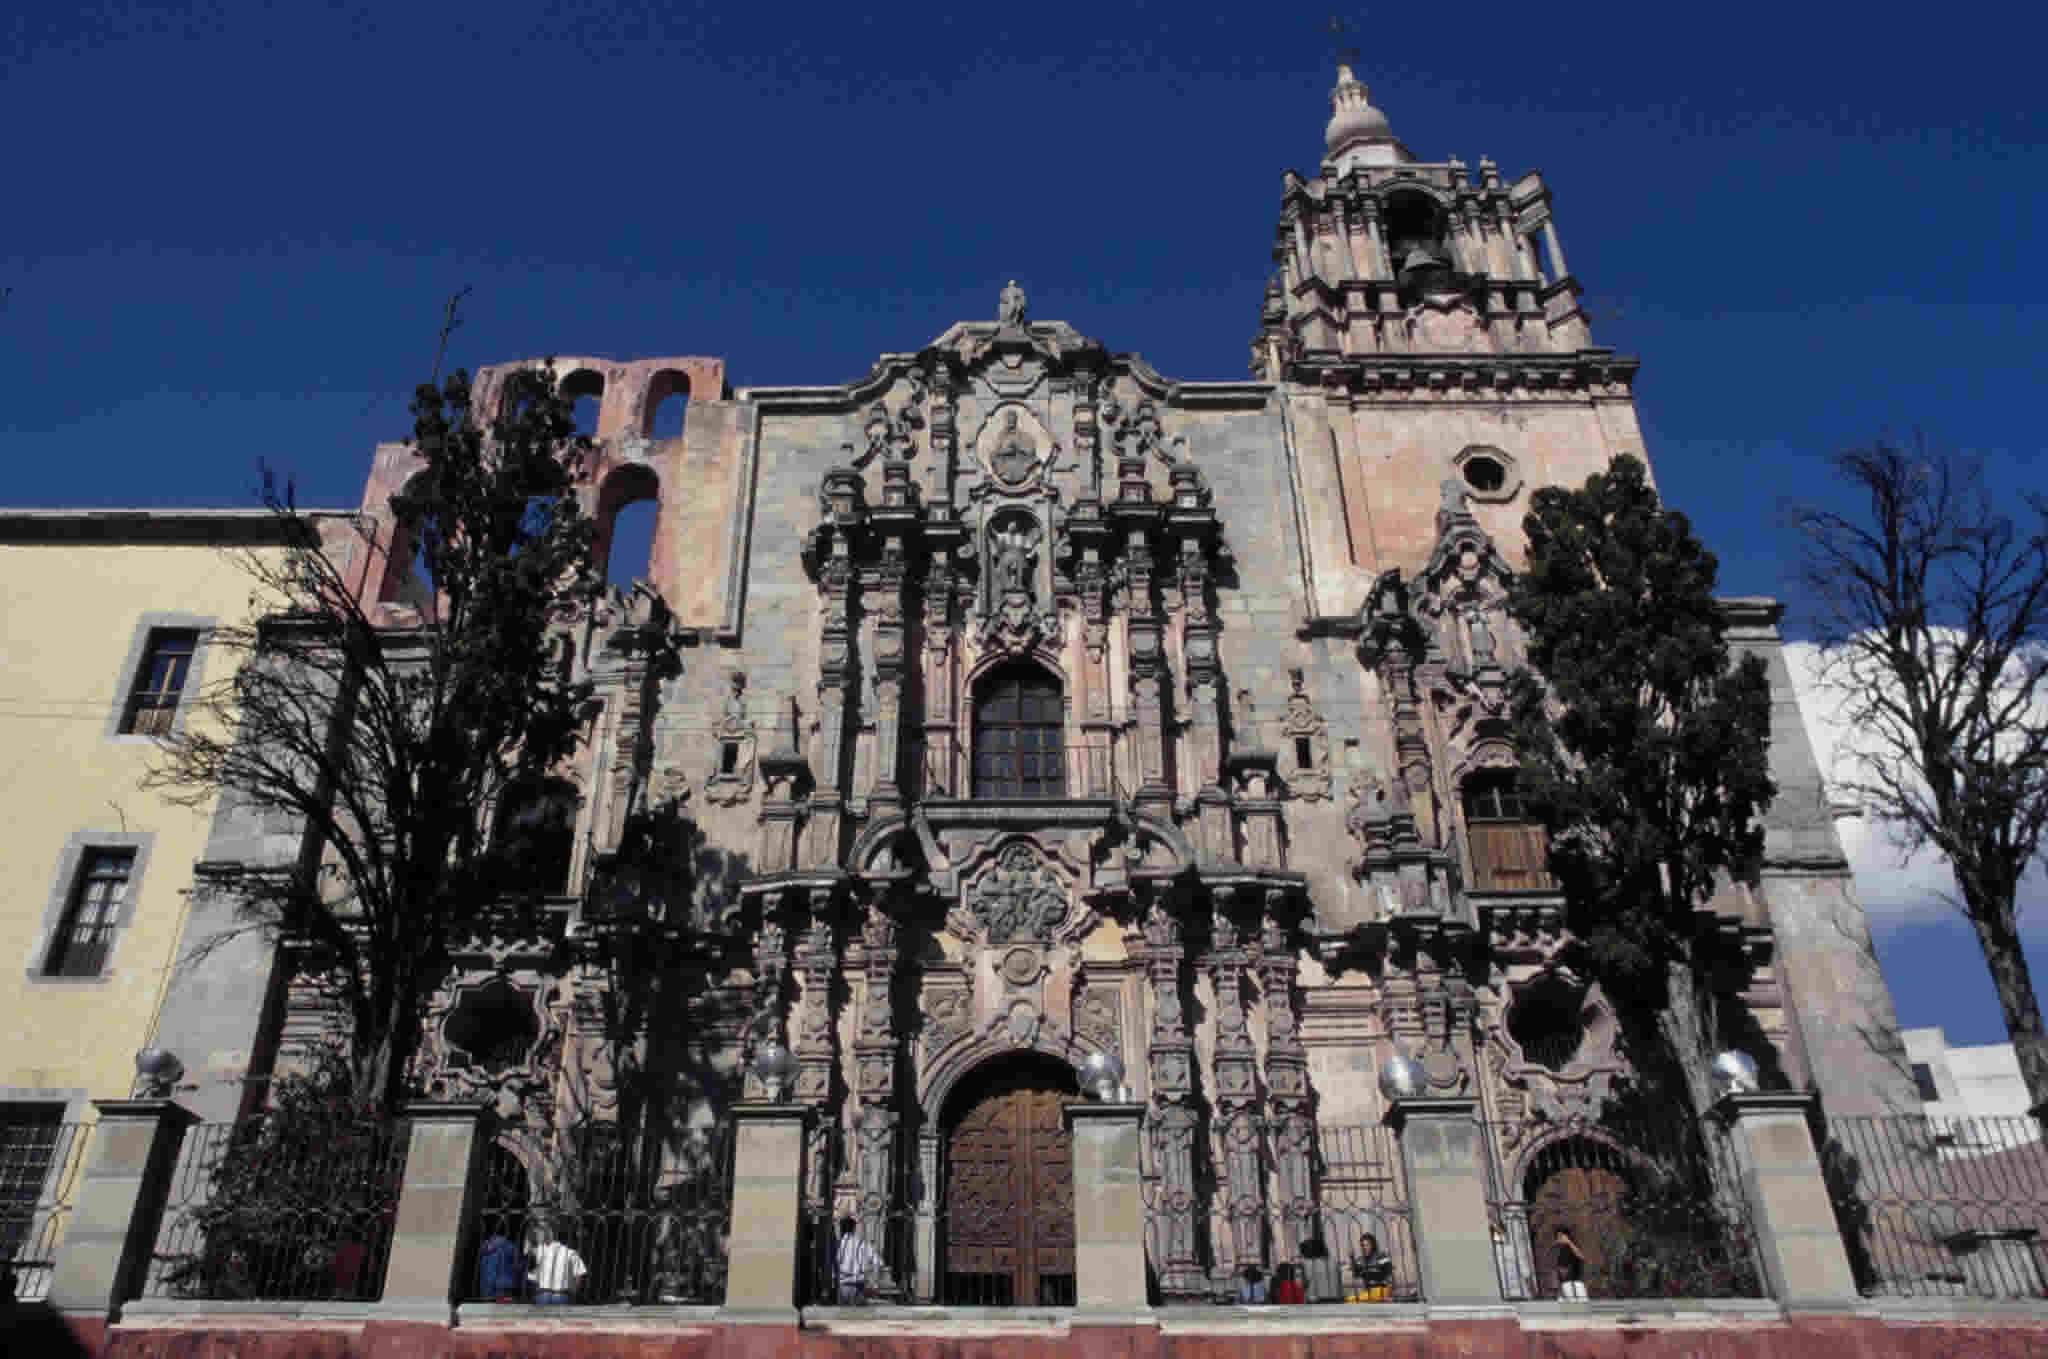 Compañía de Jesús, Guanajuato